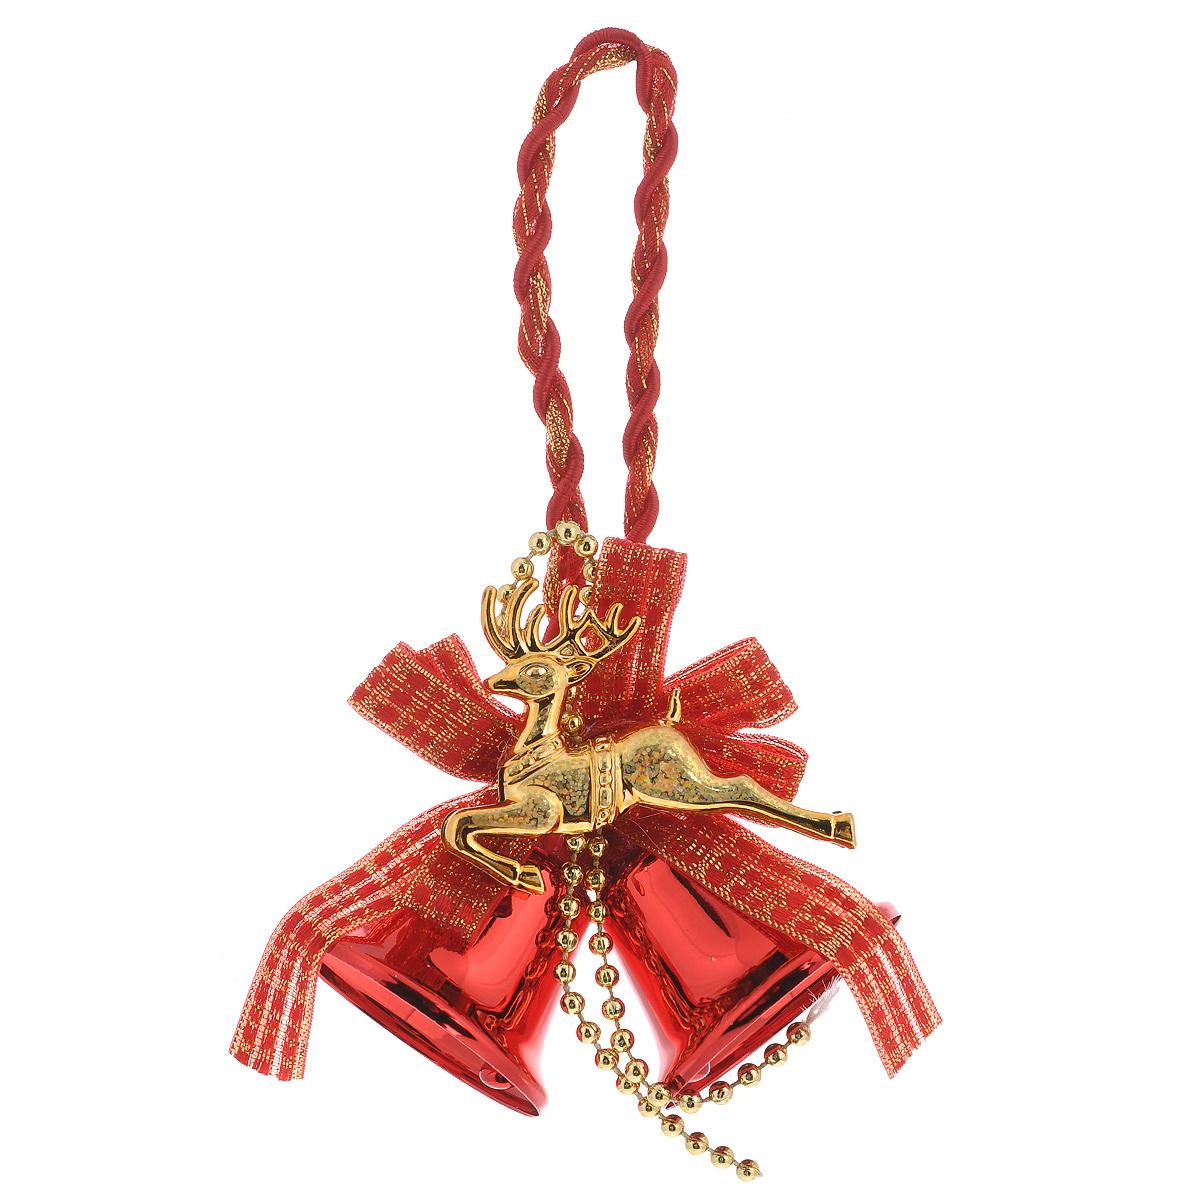 Новогоднее подвесное украшение Новогодние колокольчики, цвет: красныйNLED-454-9W-BKОригинальное новогоднее украшение из пластика прекрасно подойдет для праздничного декора дома и новогодней ели. Изделие крепится на елку с помощью металлического зажима.